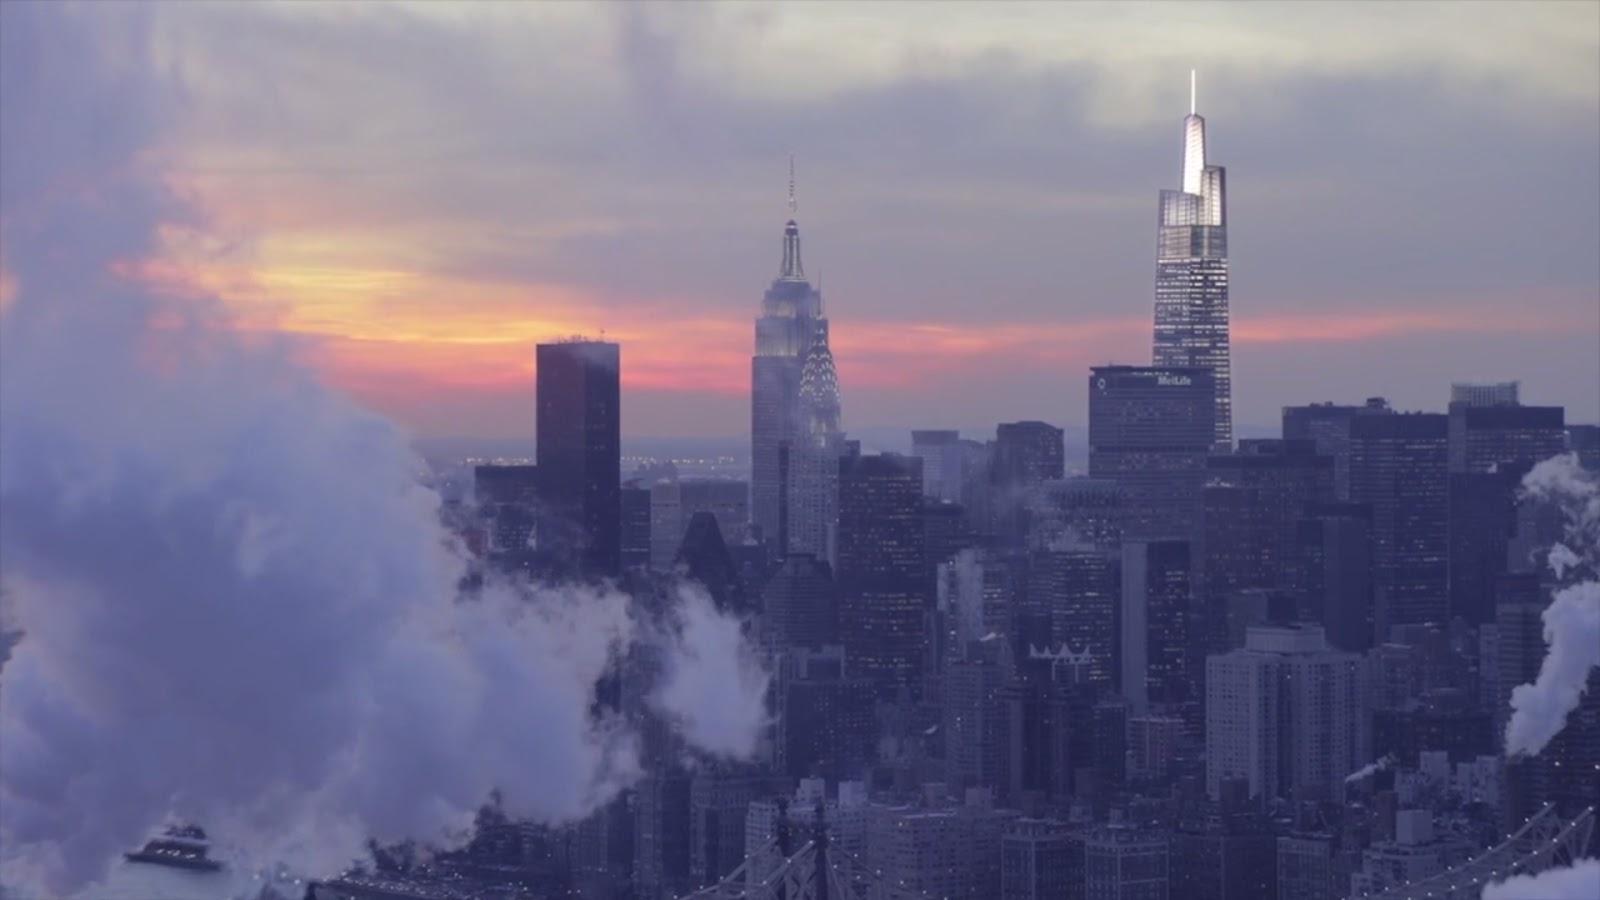 arranca la construccin del segundo rascacielos ms alto de nueva york